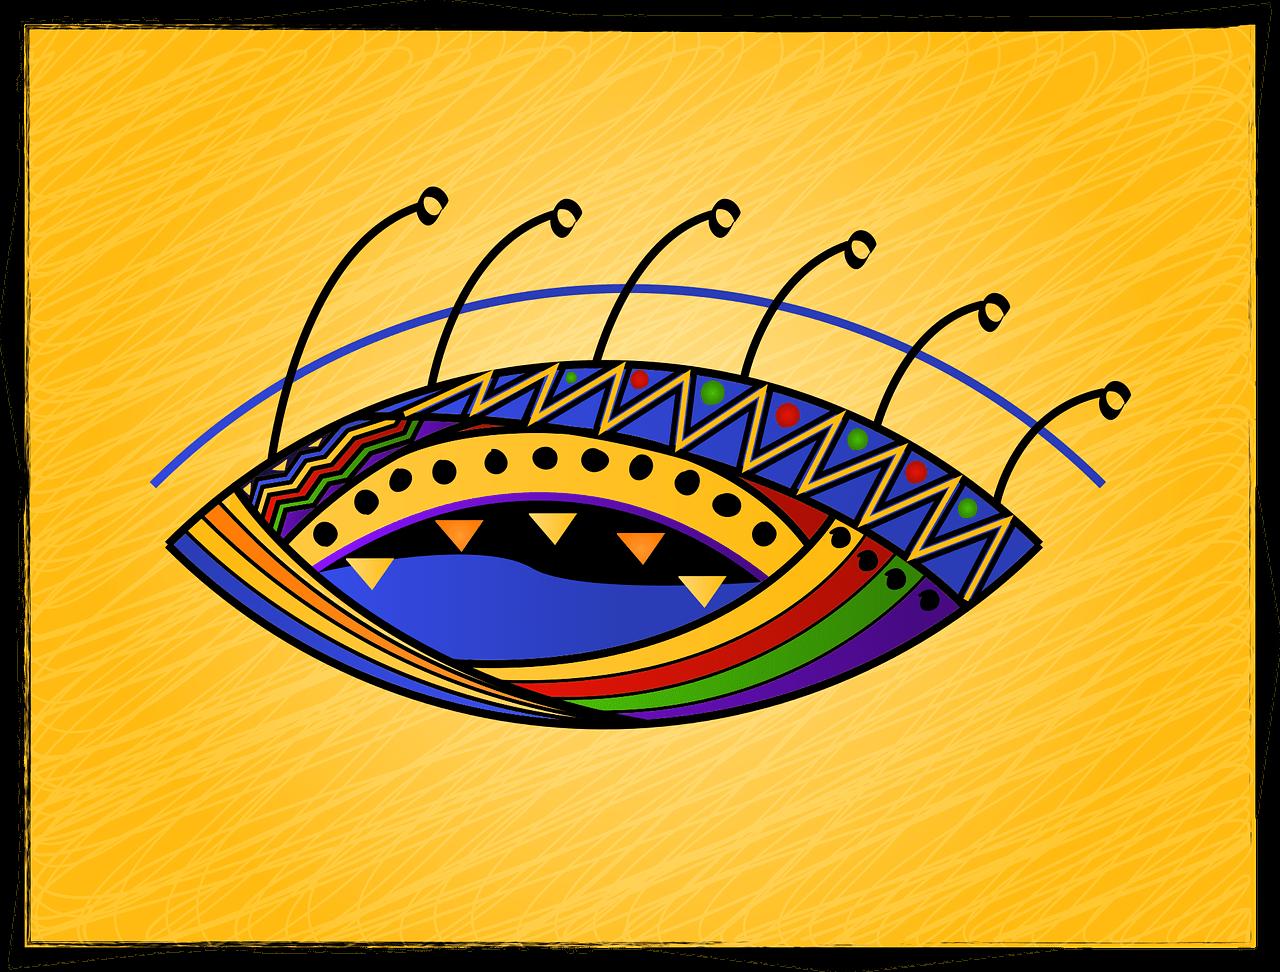 Manşet, göz rengi, genetik, bilim, bebeklerin göz rengi neden değişir